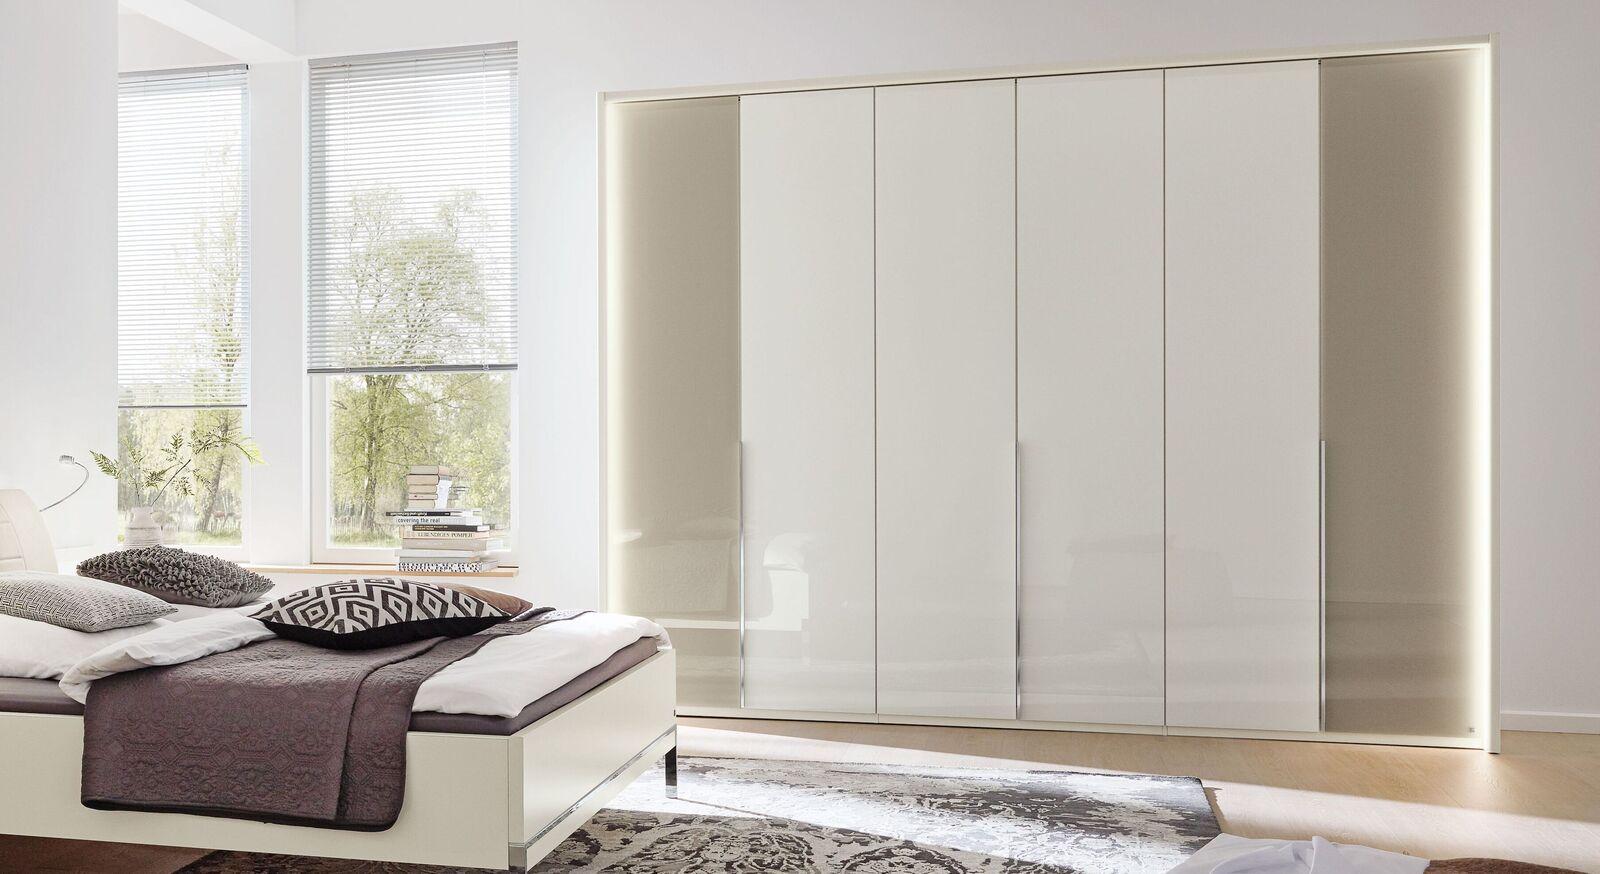 MUSTERRING Drehtüren-Kleiderschrank San Diego Weiß in einer breiten Ausführung